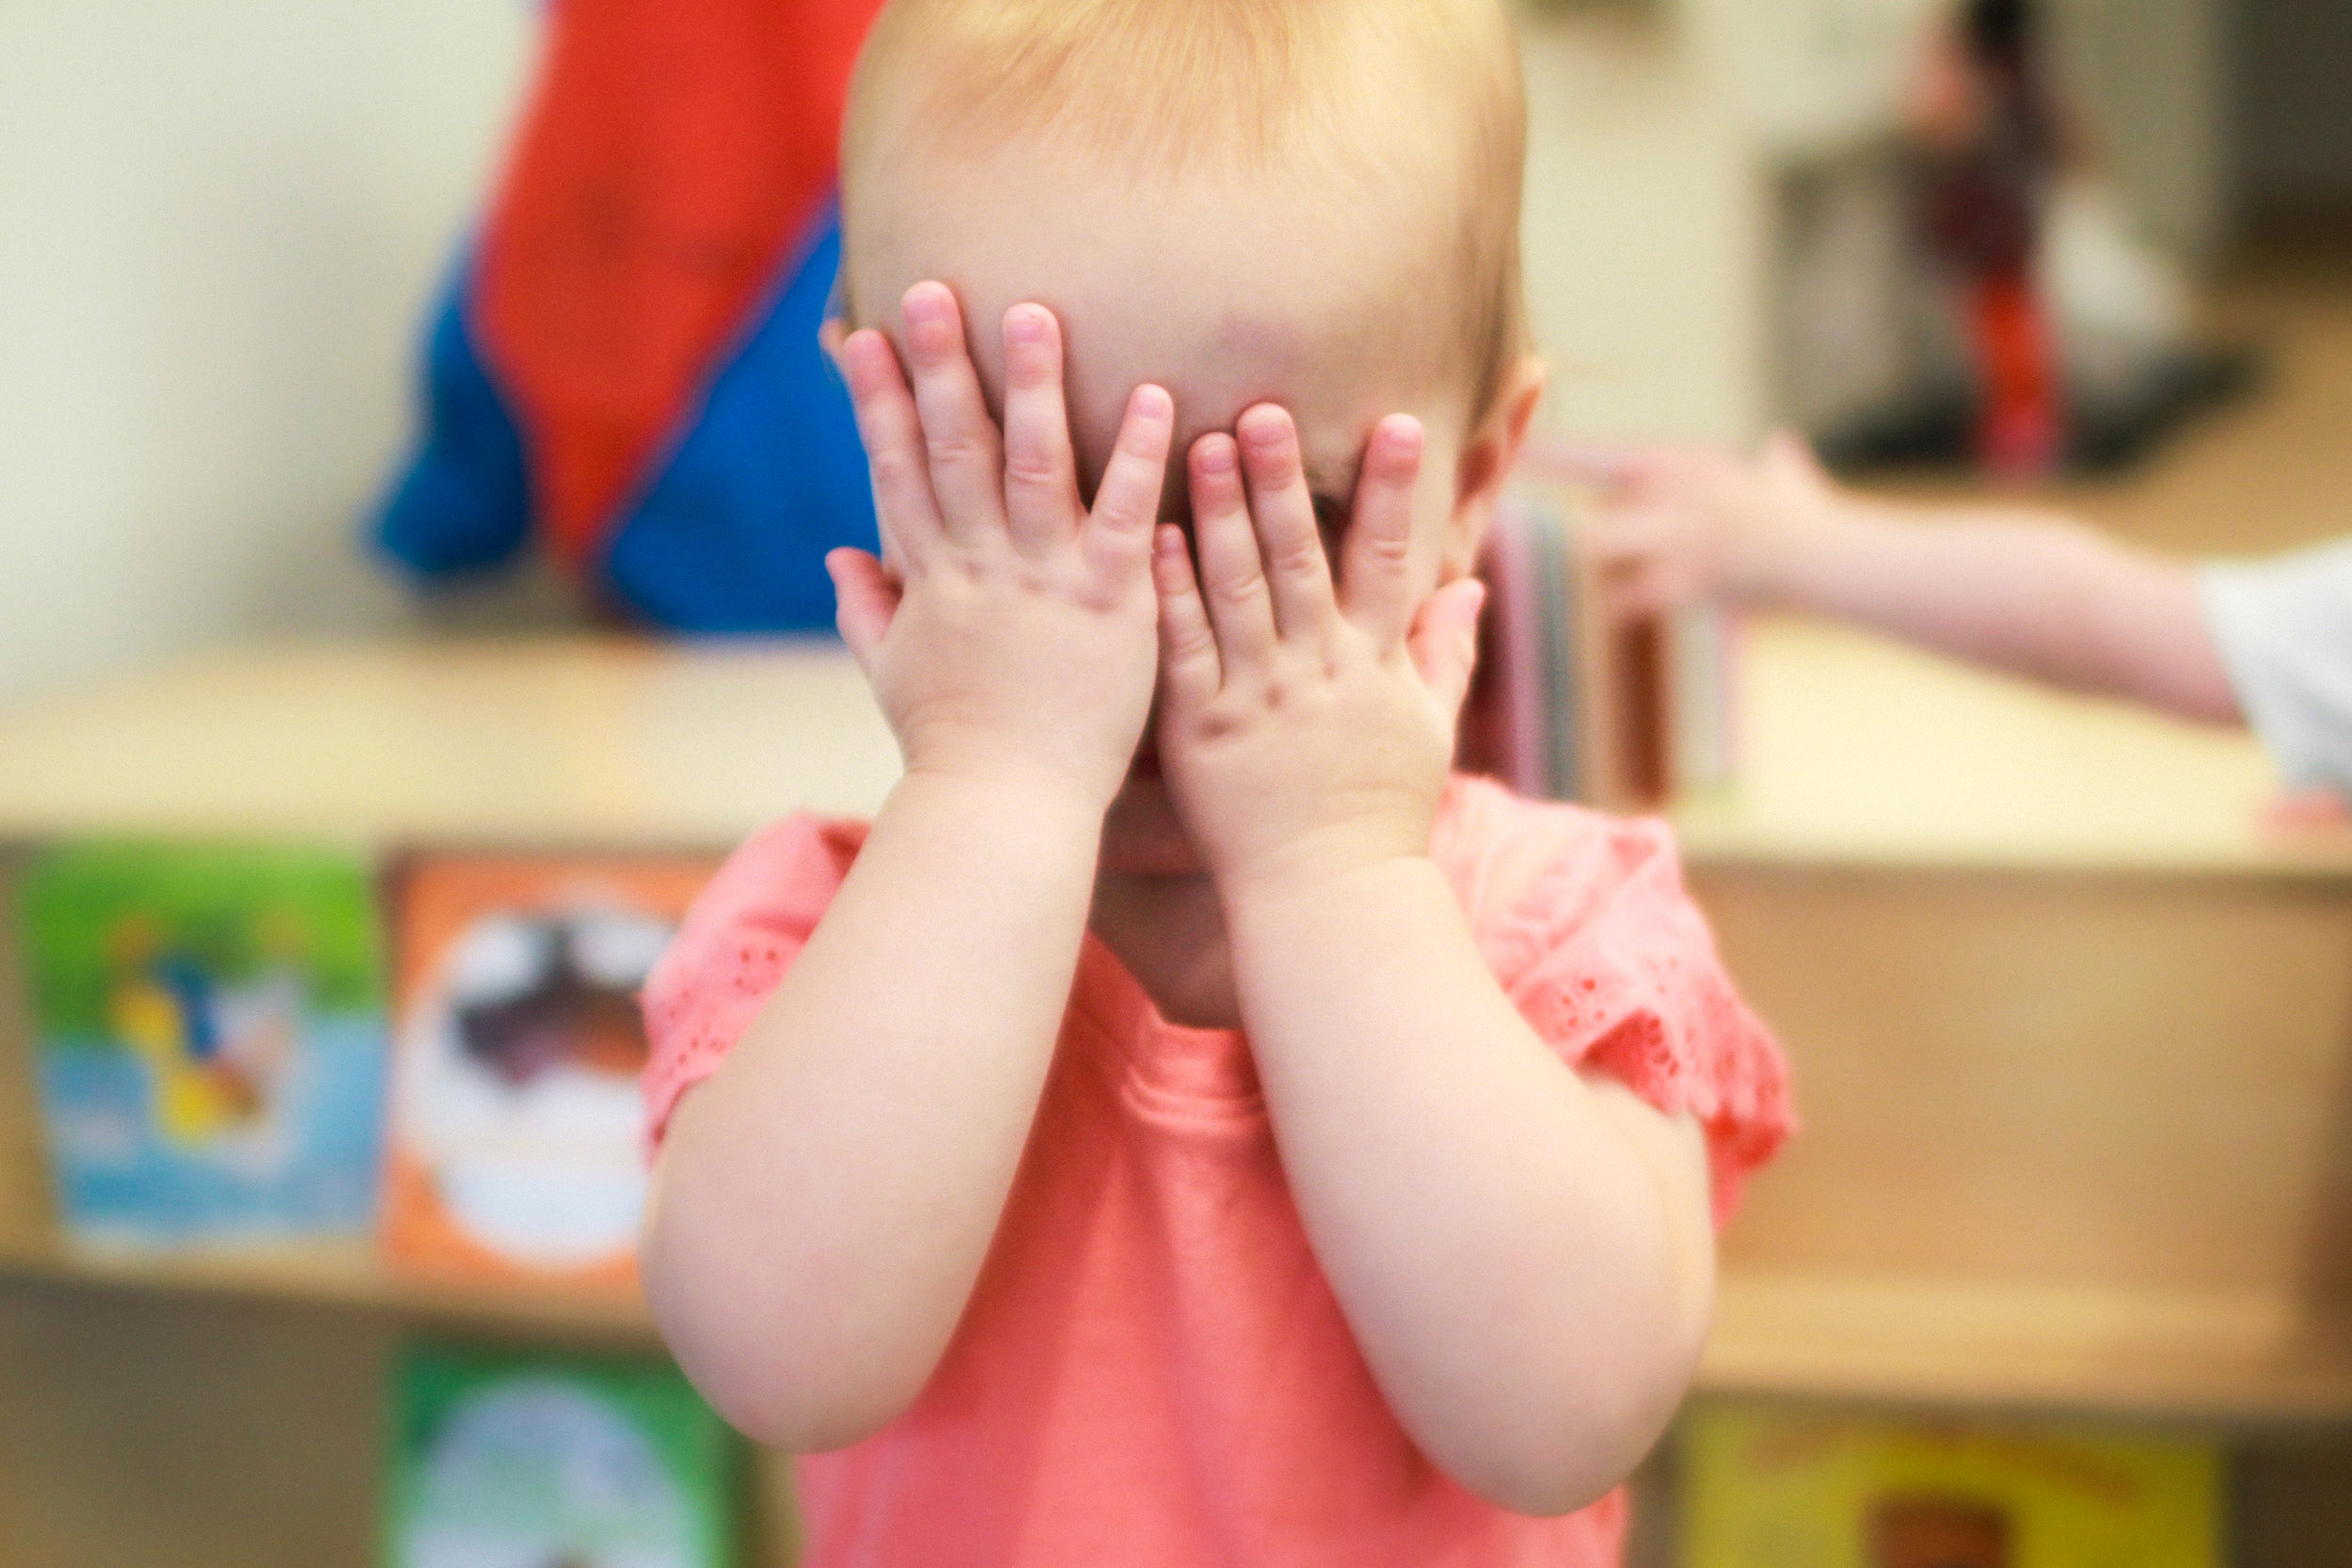 Toddler playing peak-a-boo